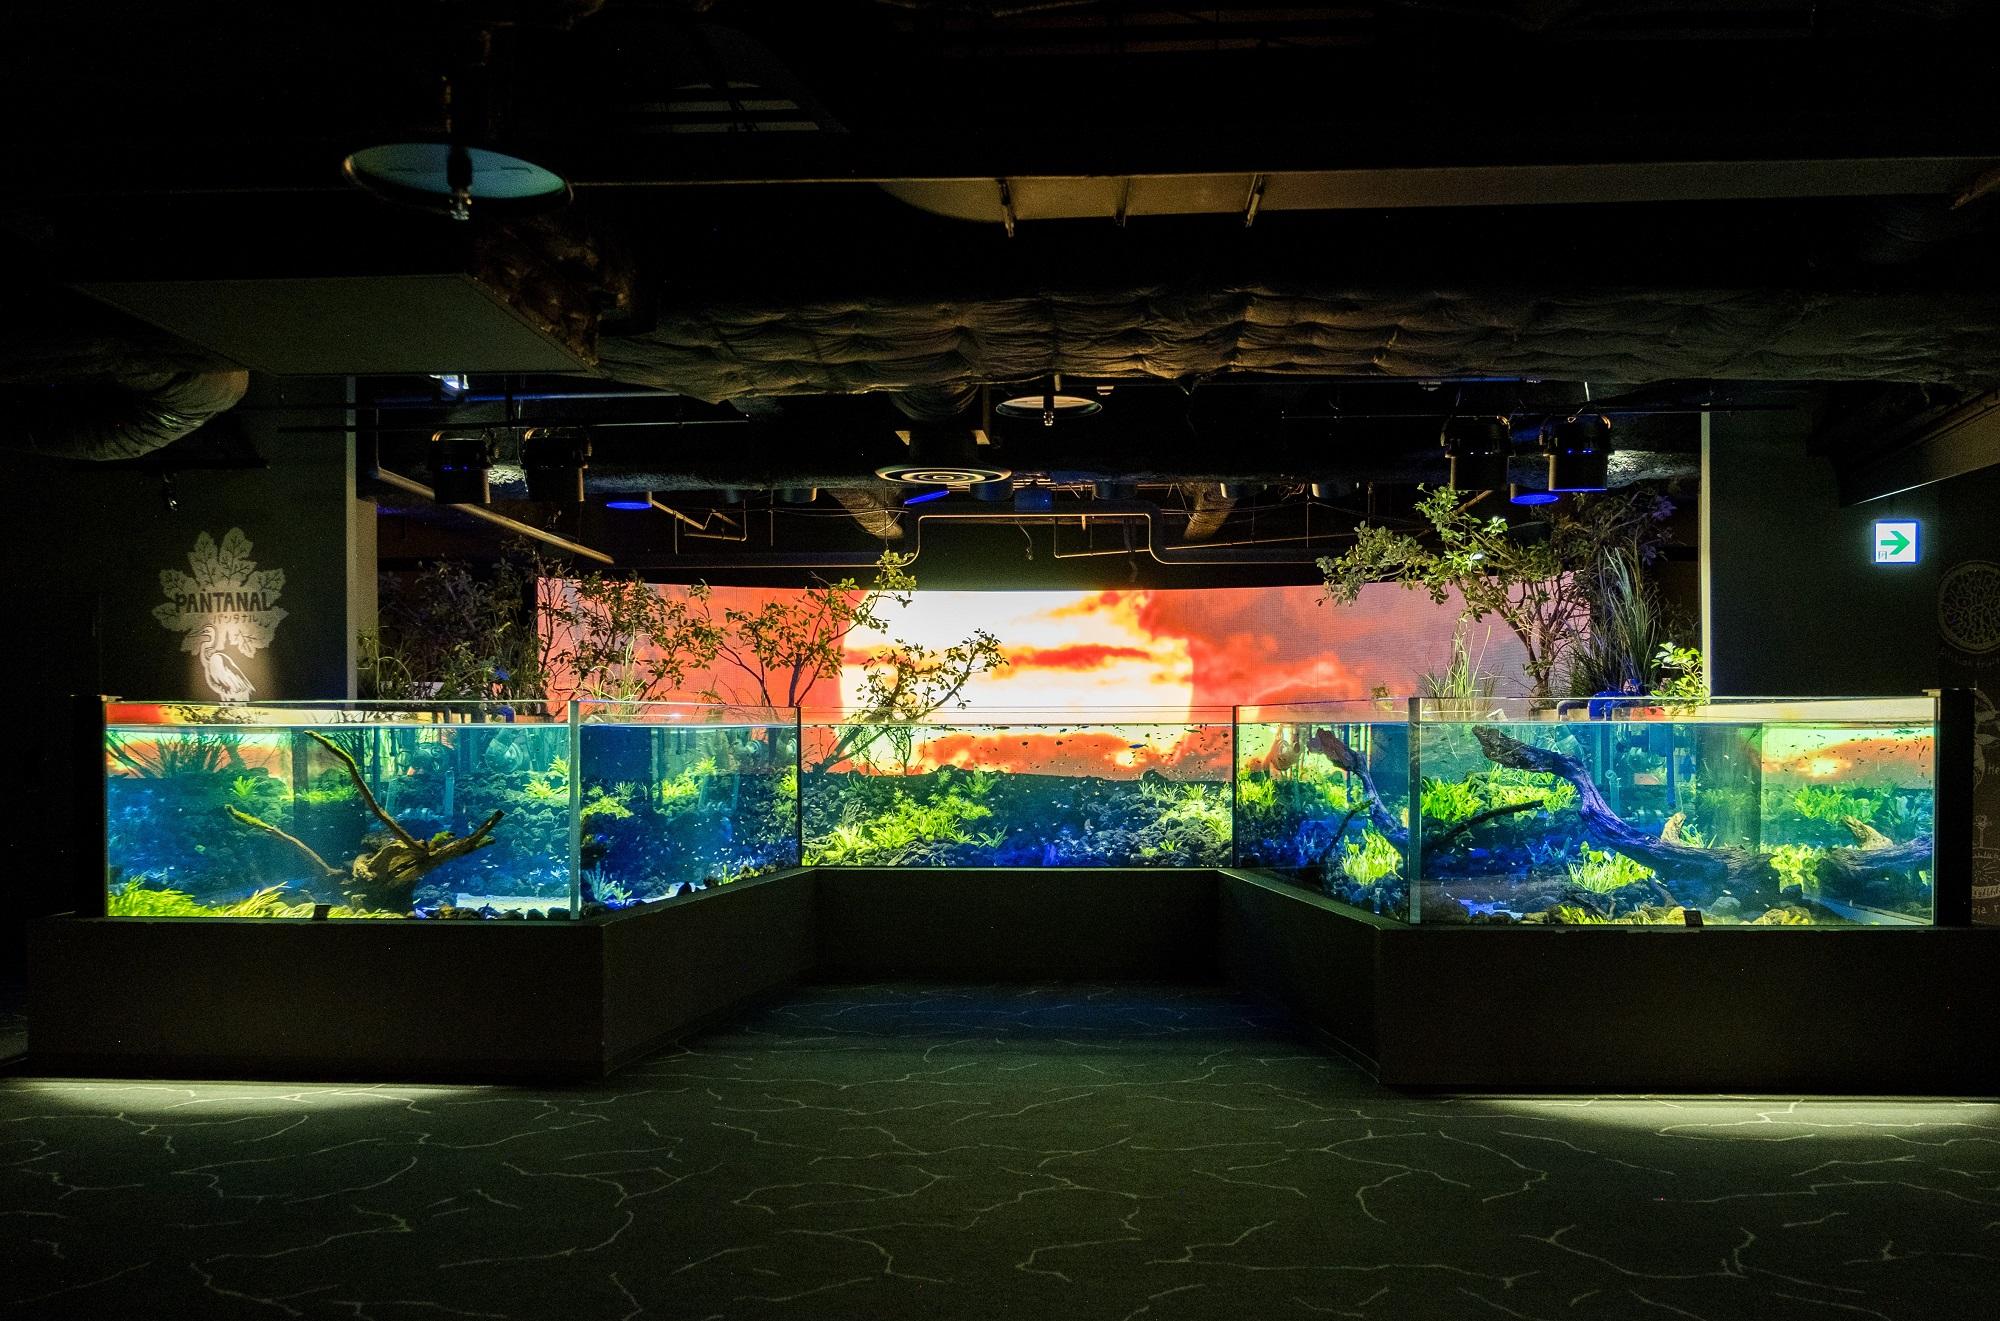 カワスイ 川崎水族館が一部制に営業体制を変更 緊急事態宣言解除後